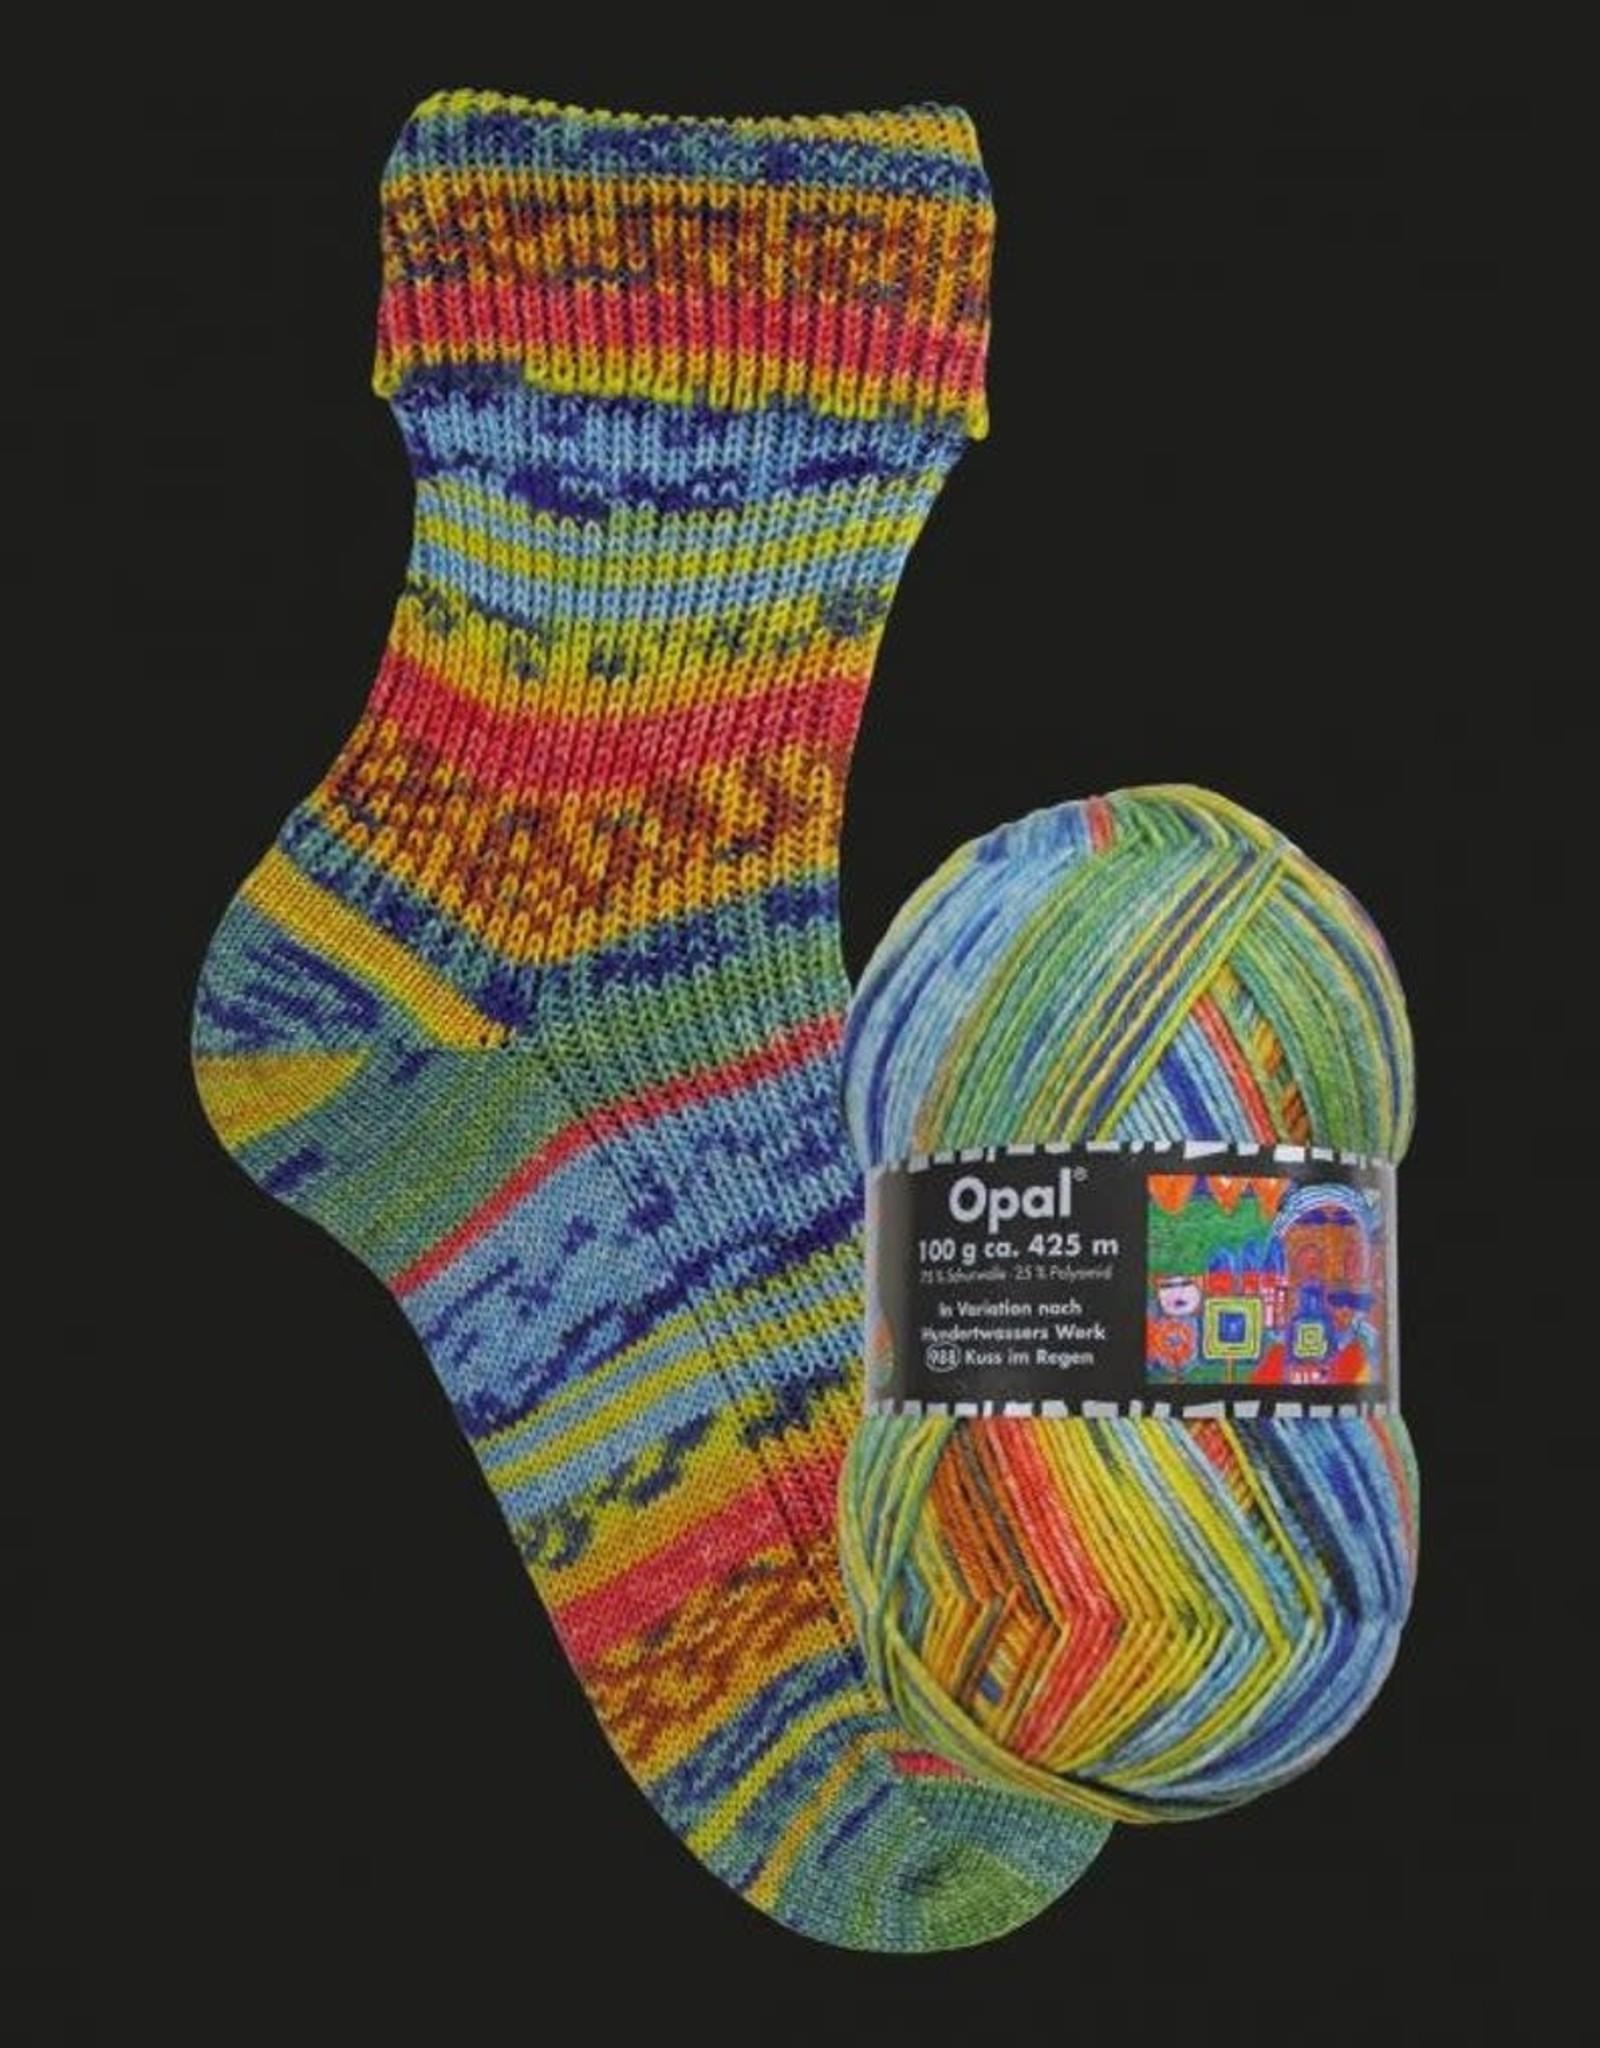 Opal Hundertwasser 3200